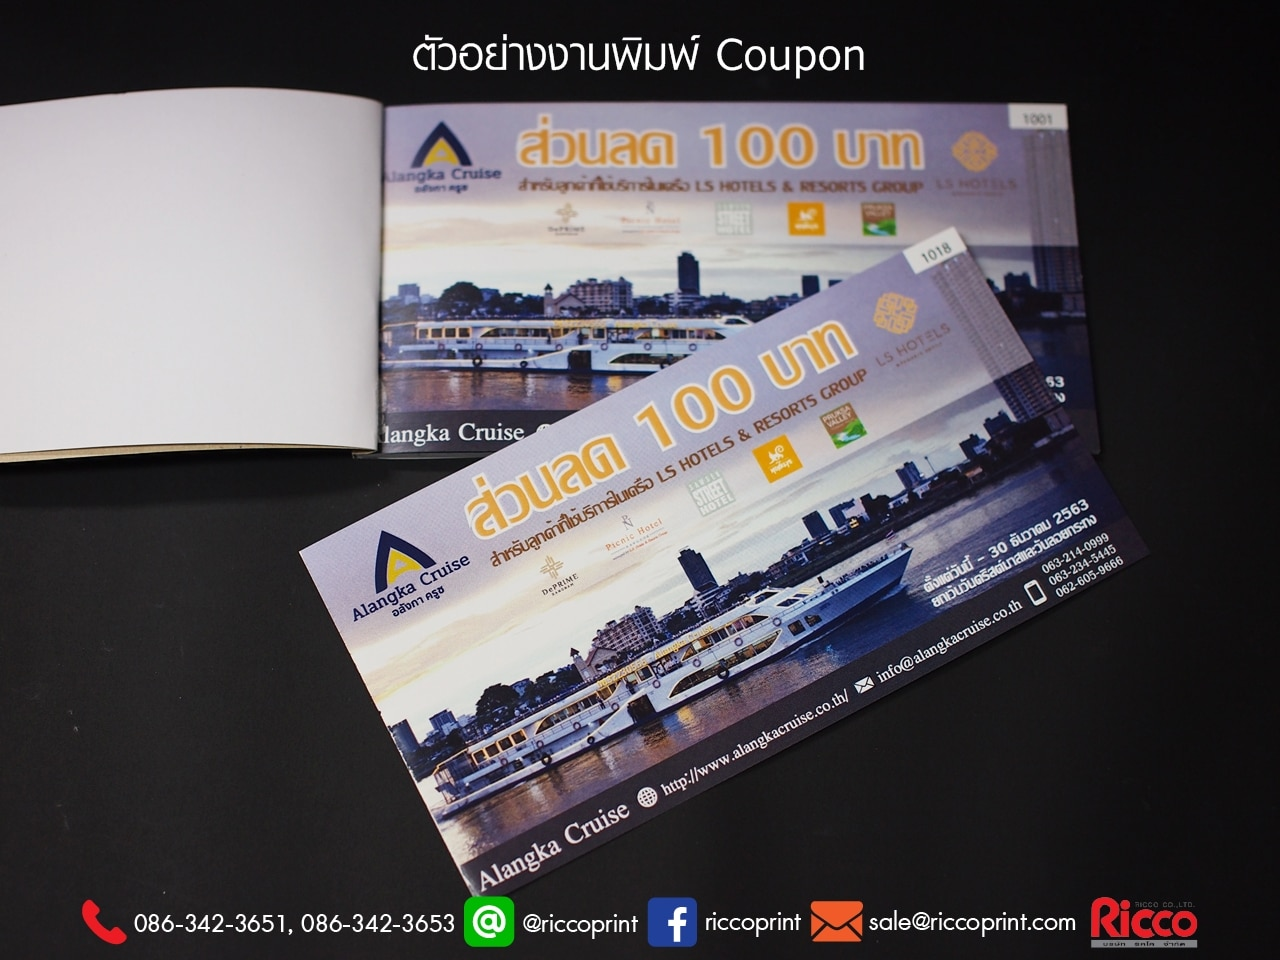 รูป Coupon Gift Voucher 2020 AlangkaCruise4 - ประกอบเนื้อหา คูปอง บัตรกำนัล ตั๋ว